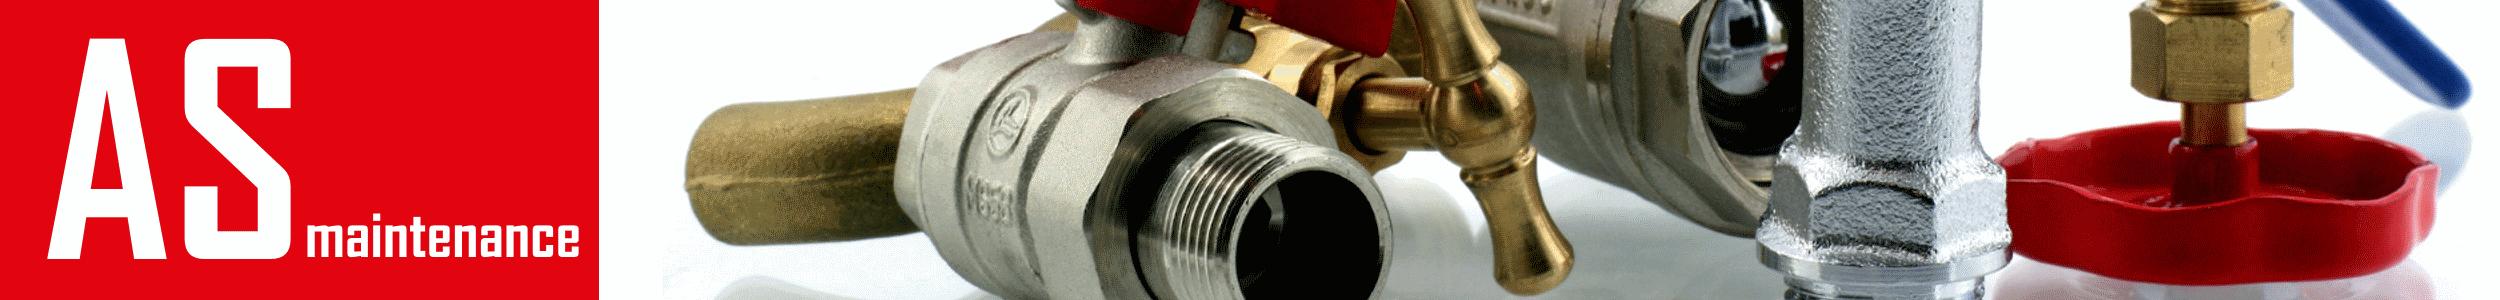 AS maintenance est votre plombier chauffagiste agréé technicien chaudière g1 qui se déplace en urgence pour un dépannage ou une installation en Belgique. Devis Gratuit.